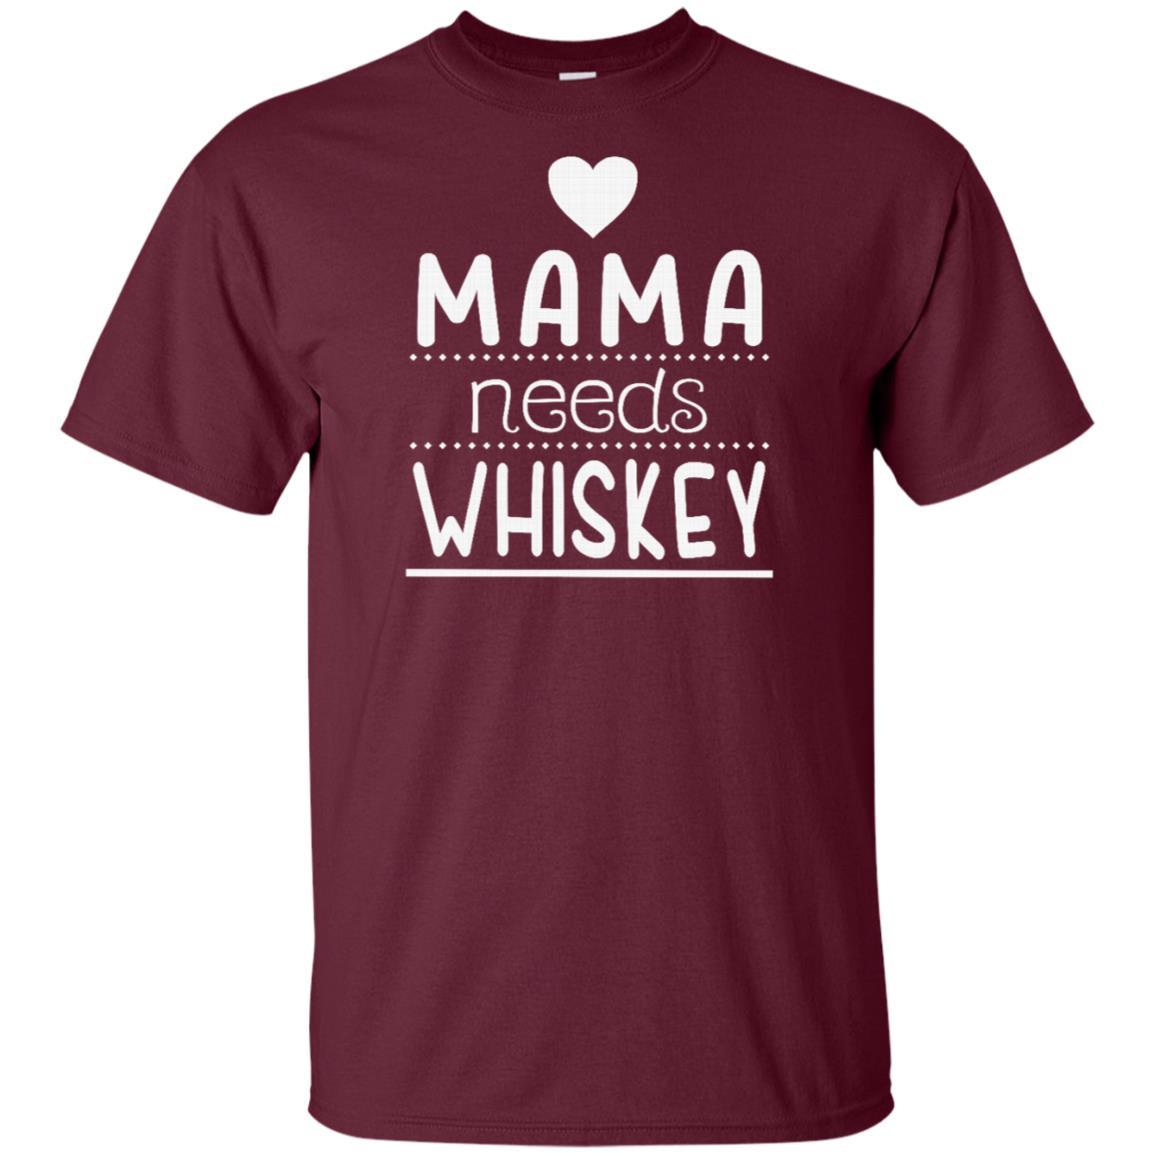 Mama Needs Whiskey Cute Whiskey Mom Gift Unisex Short Sleeve